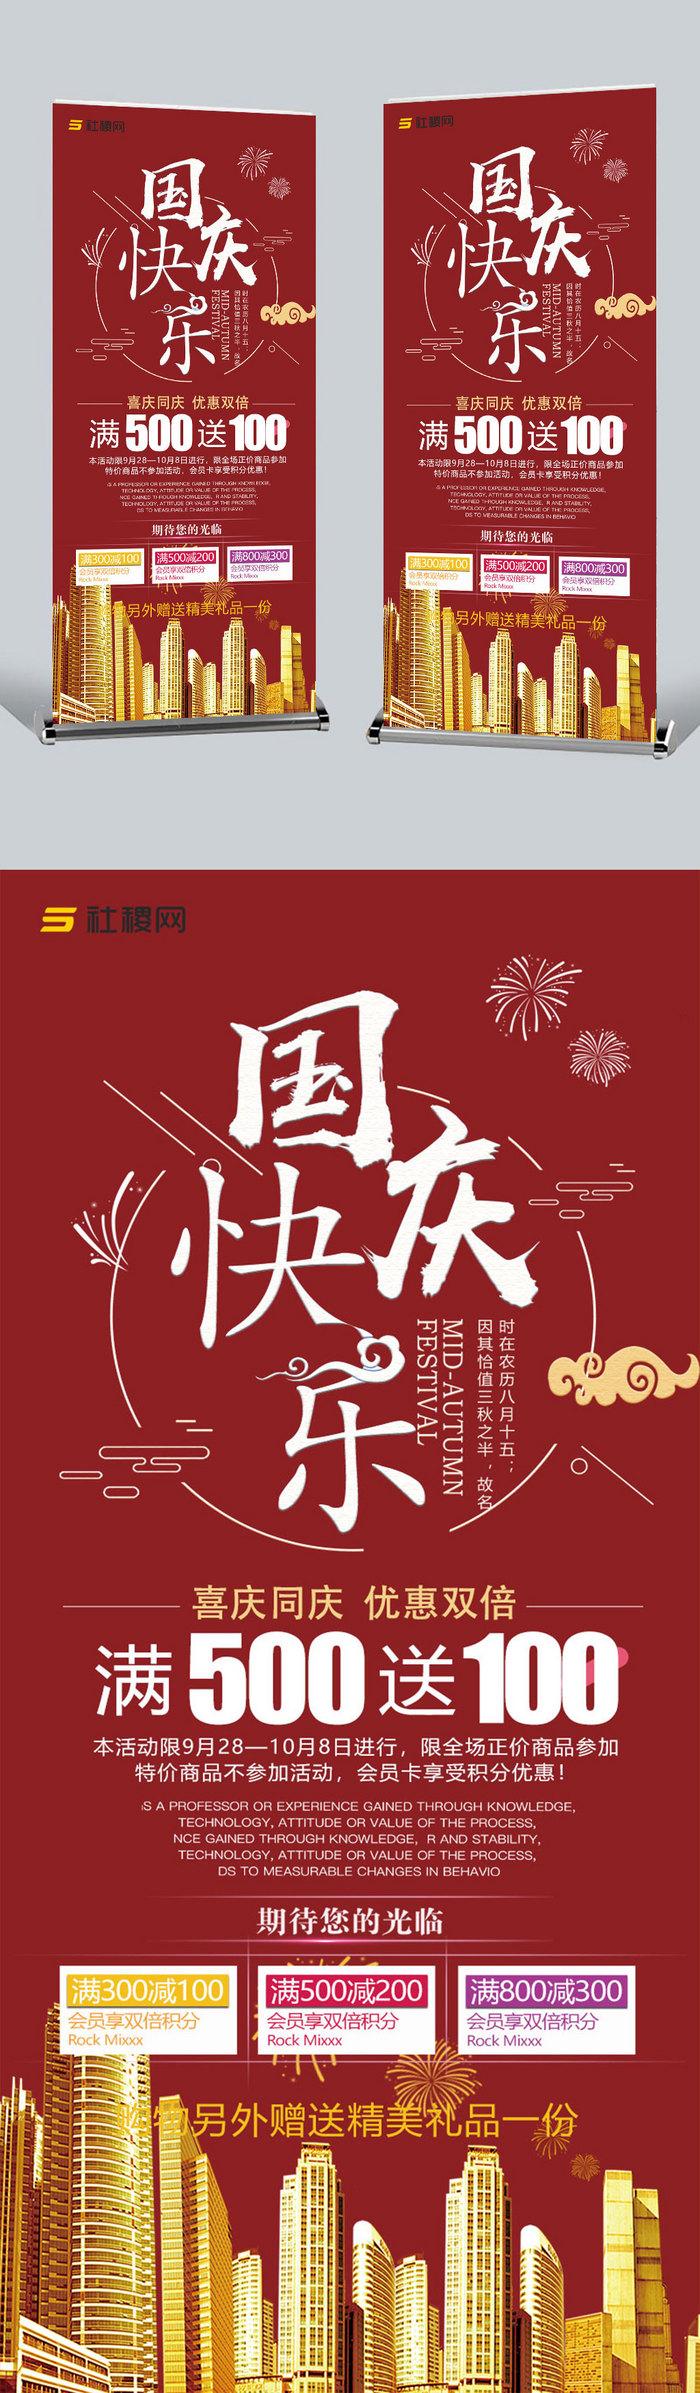 国庆促销狂欢易拉宝设计